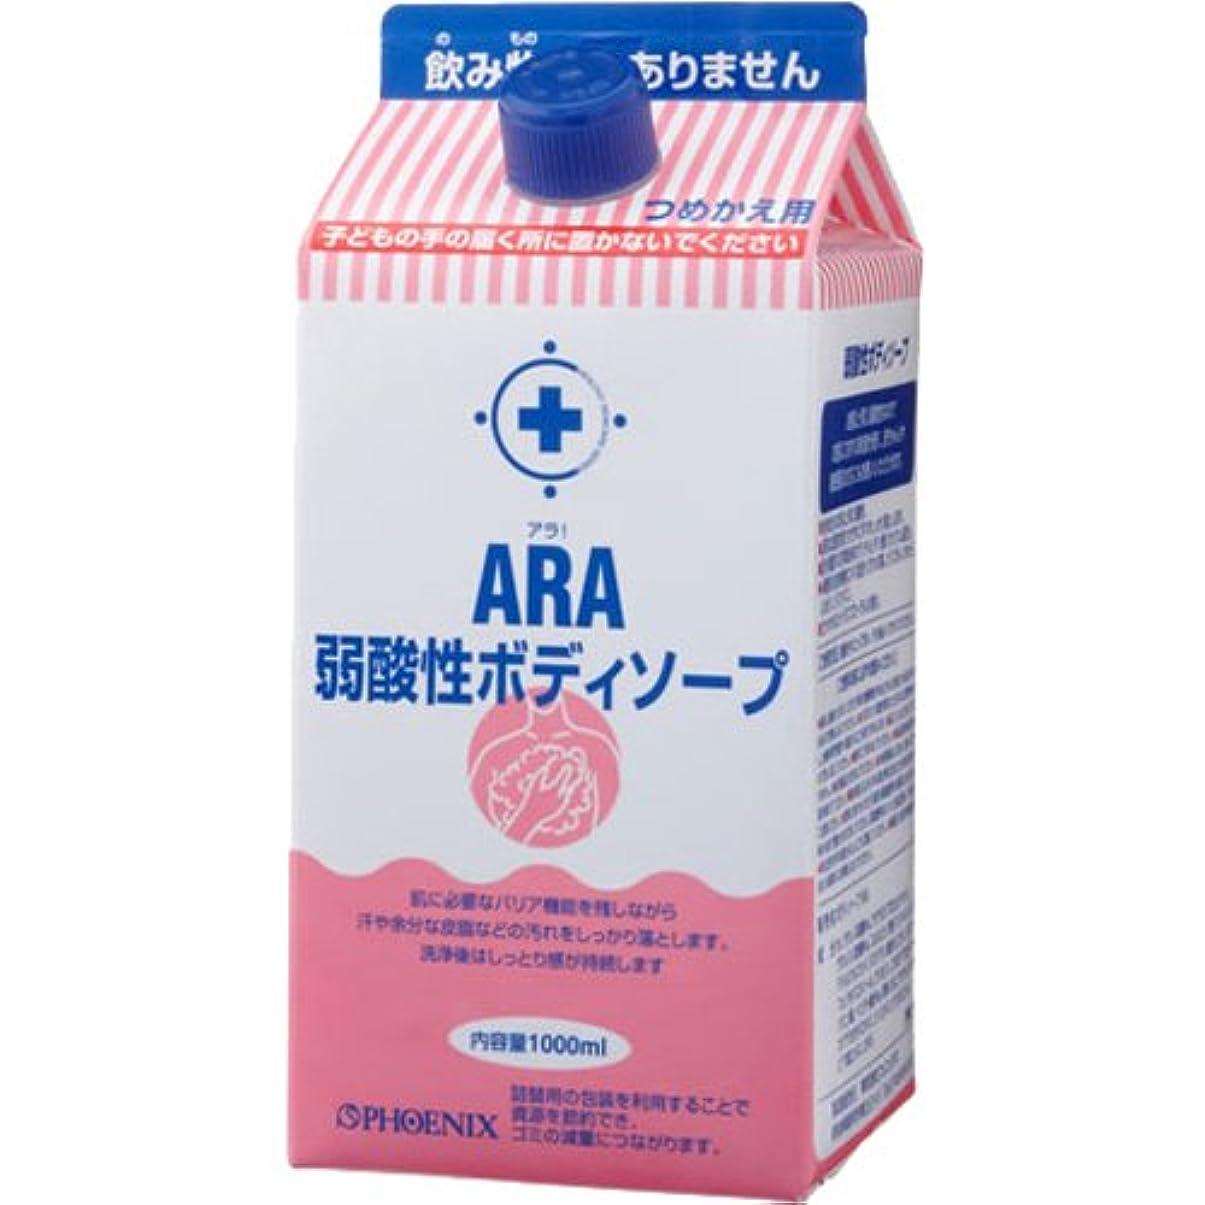 喉が渇いた進化戦略ARA 弱酸性ボディソープ (詰替え用) 1000ml×12入り